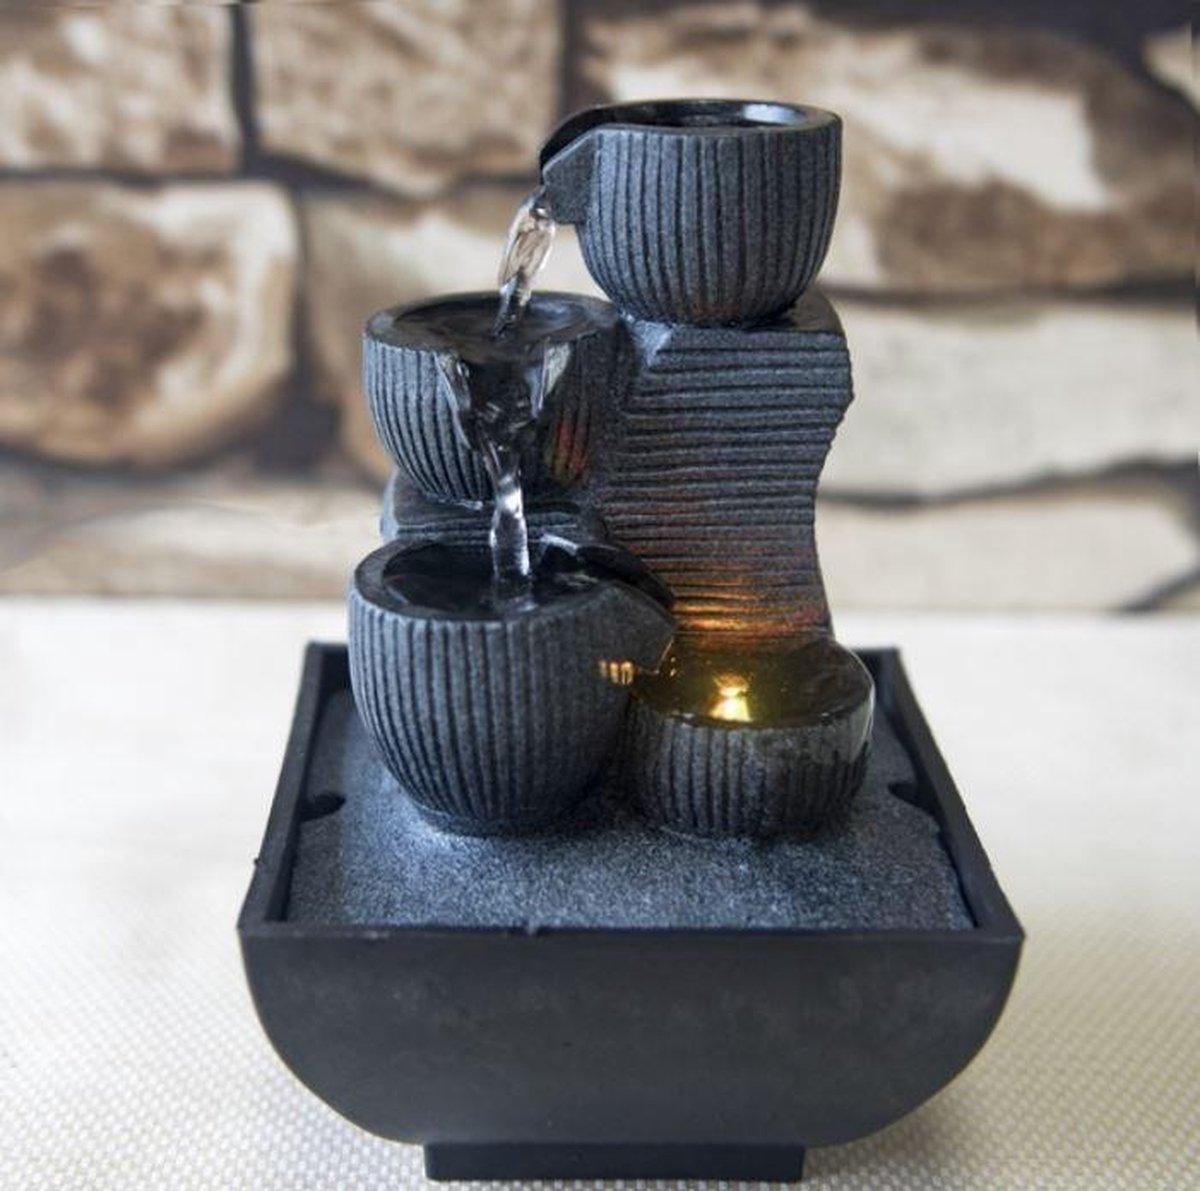 Kini Relax - fontein - interieur - fontein voor binnen - relaxeer - zen - waterornament - cadeau - geschenk - relatiegeschenk - origineel - lente - zomer - lentecollectie - zomercollectie - afkoeling - koelte